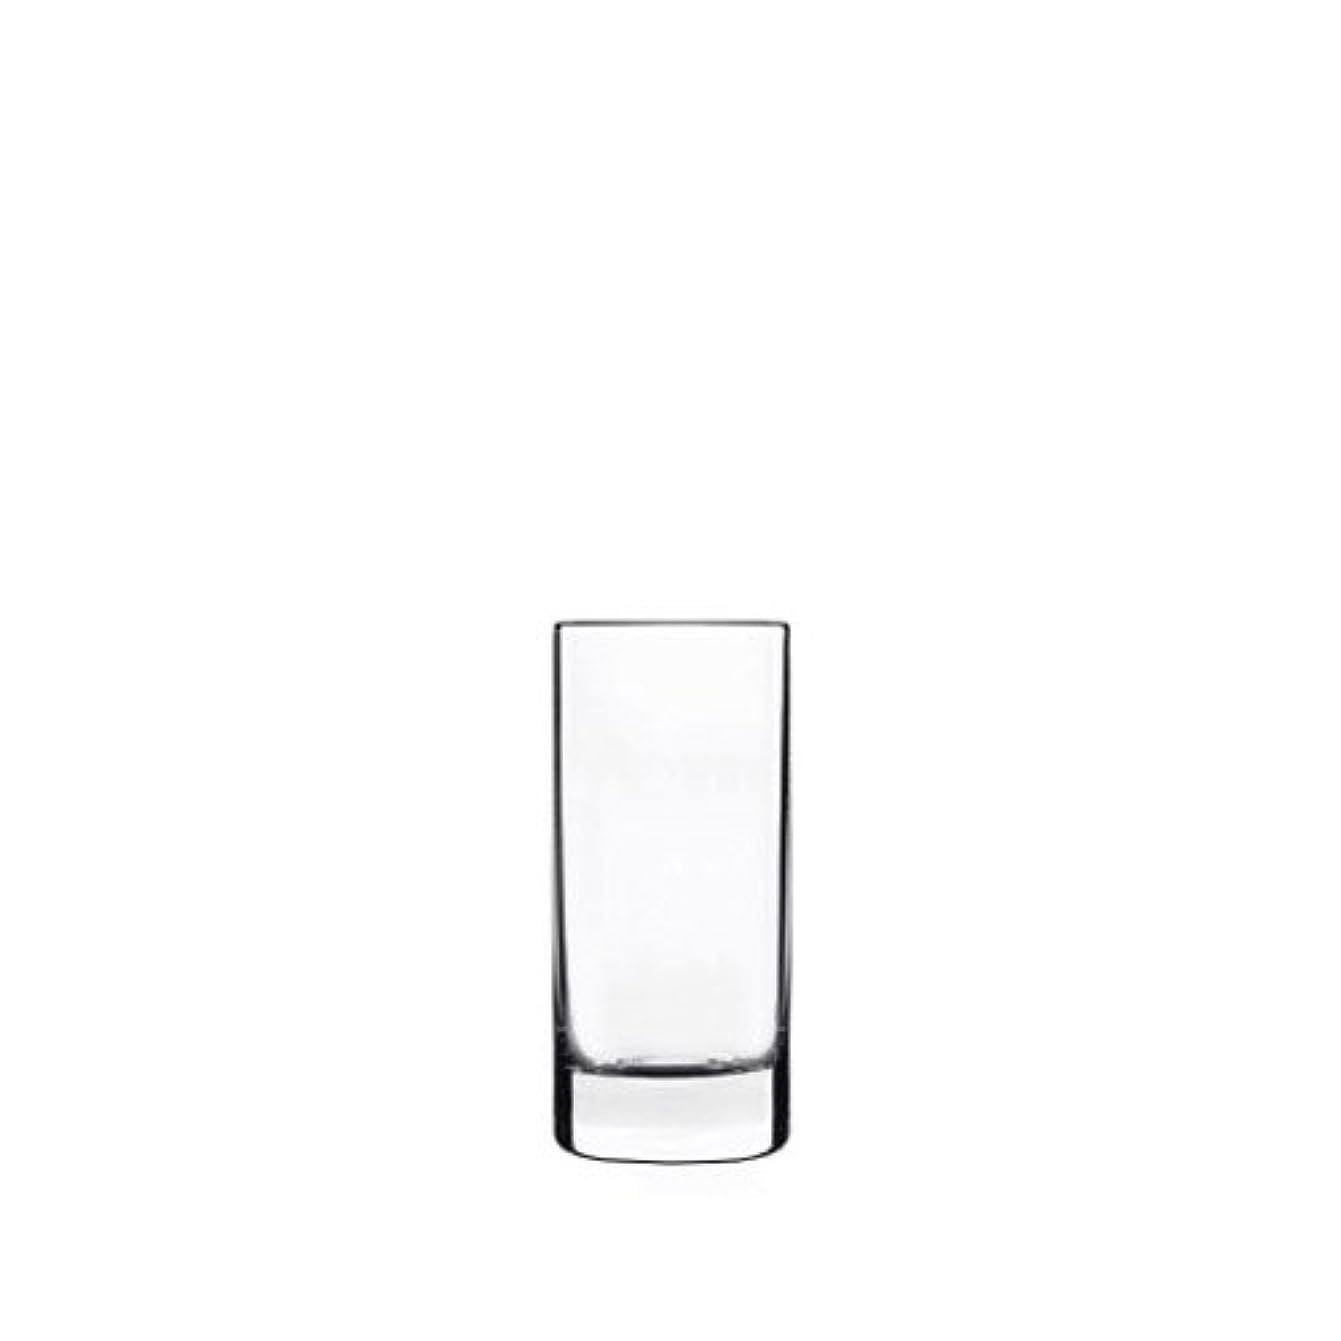 赤字空中滑るLuigi Bormioli Classico Liqueur Glass (Set of 6?)、2.25オンス、クリア